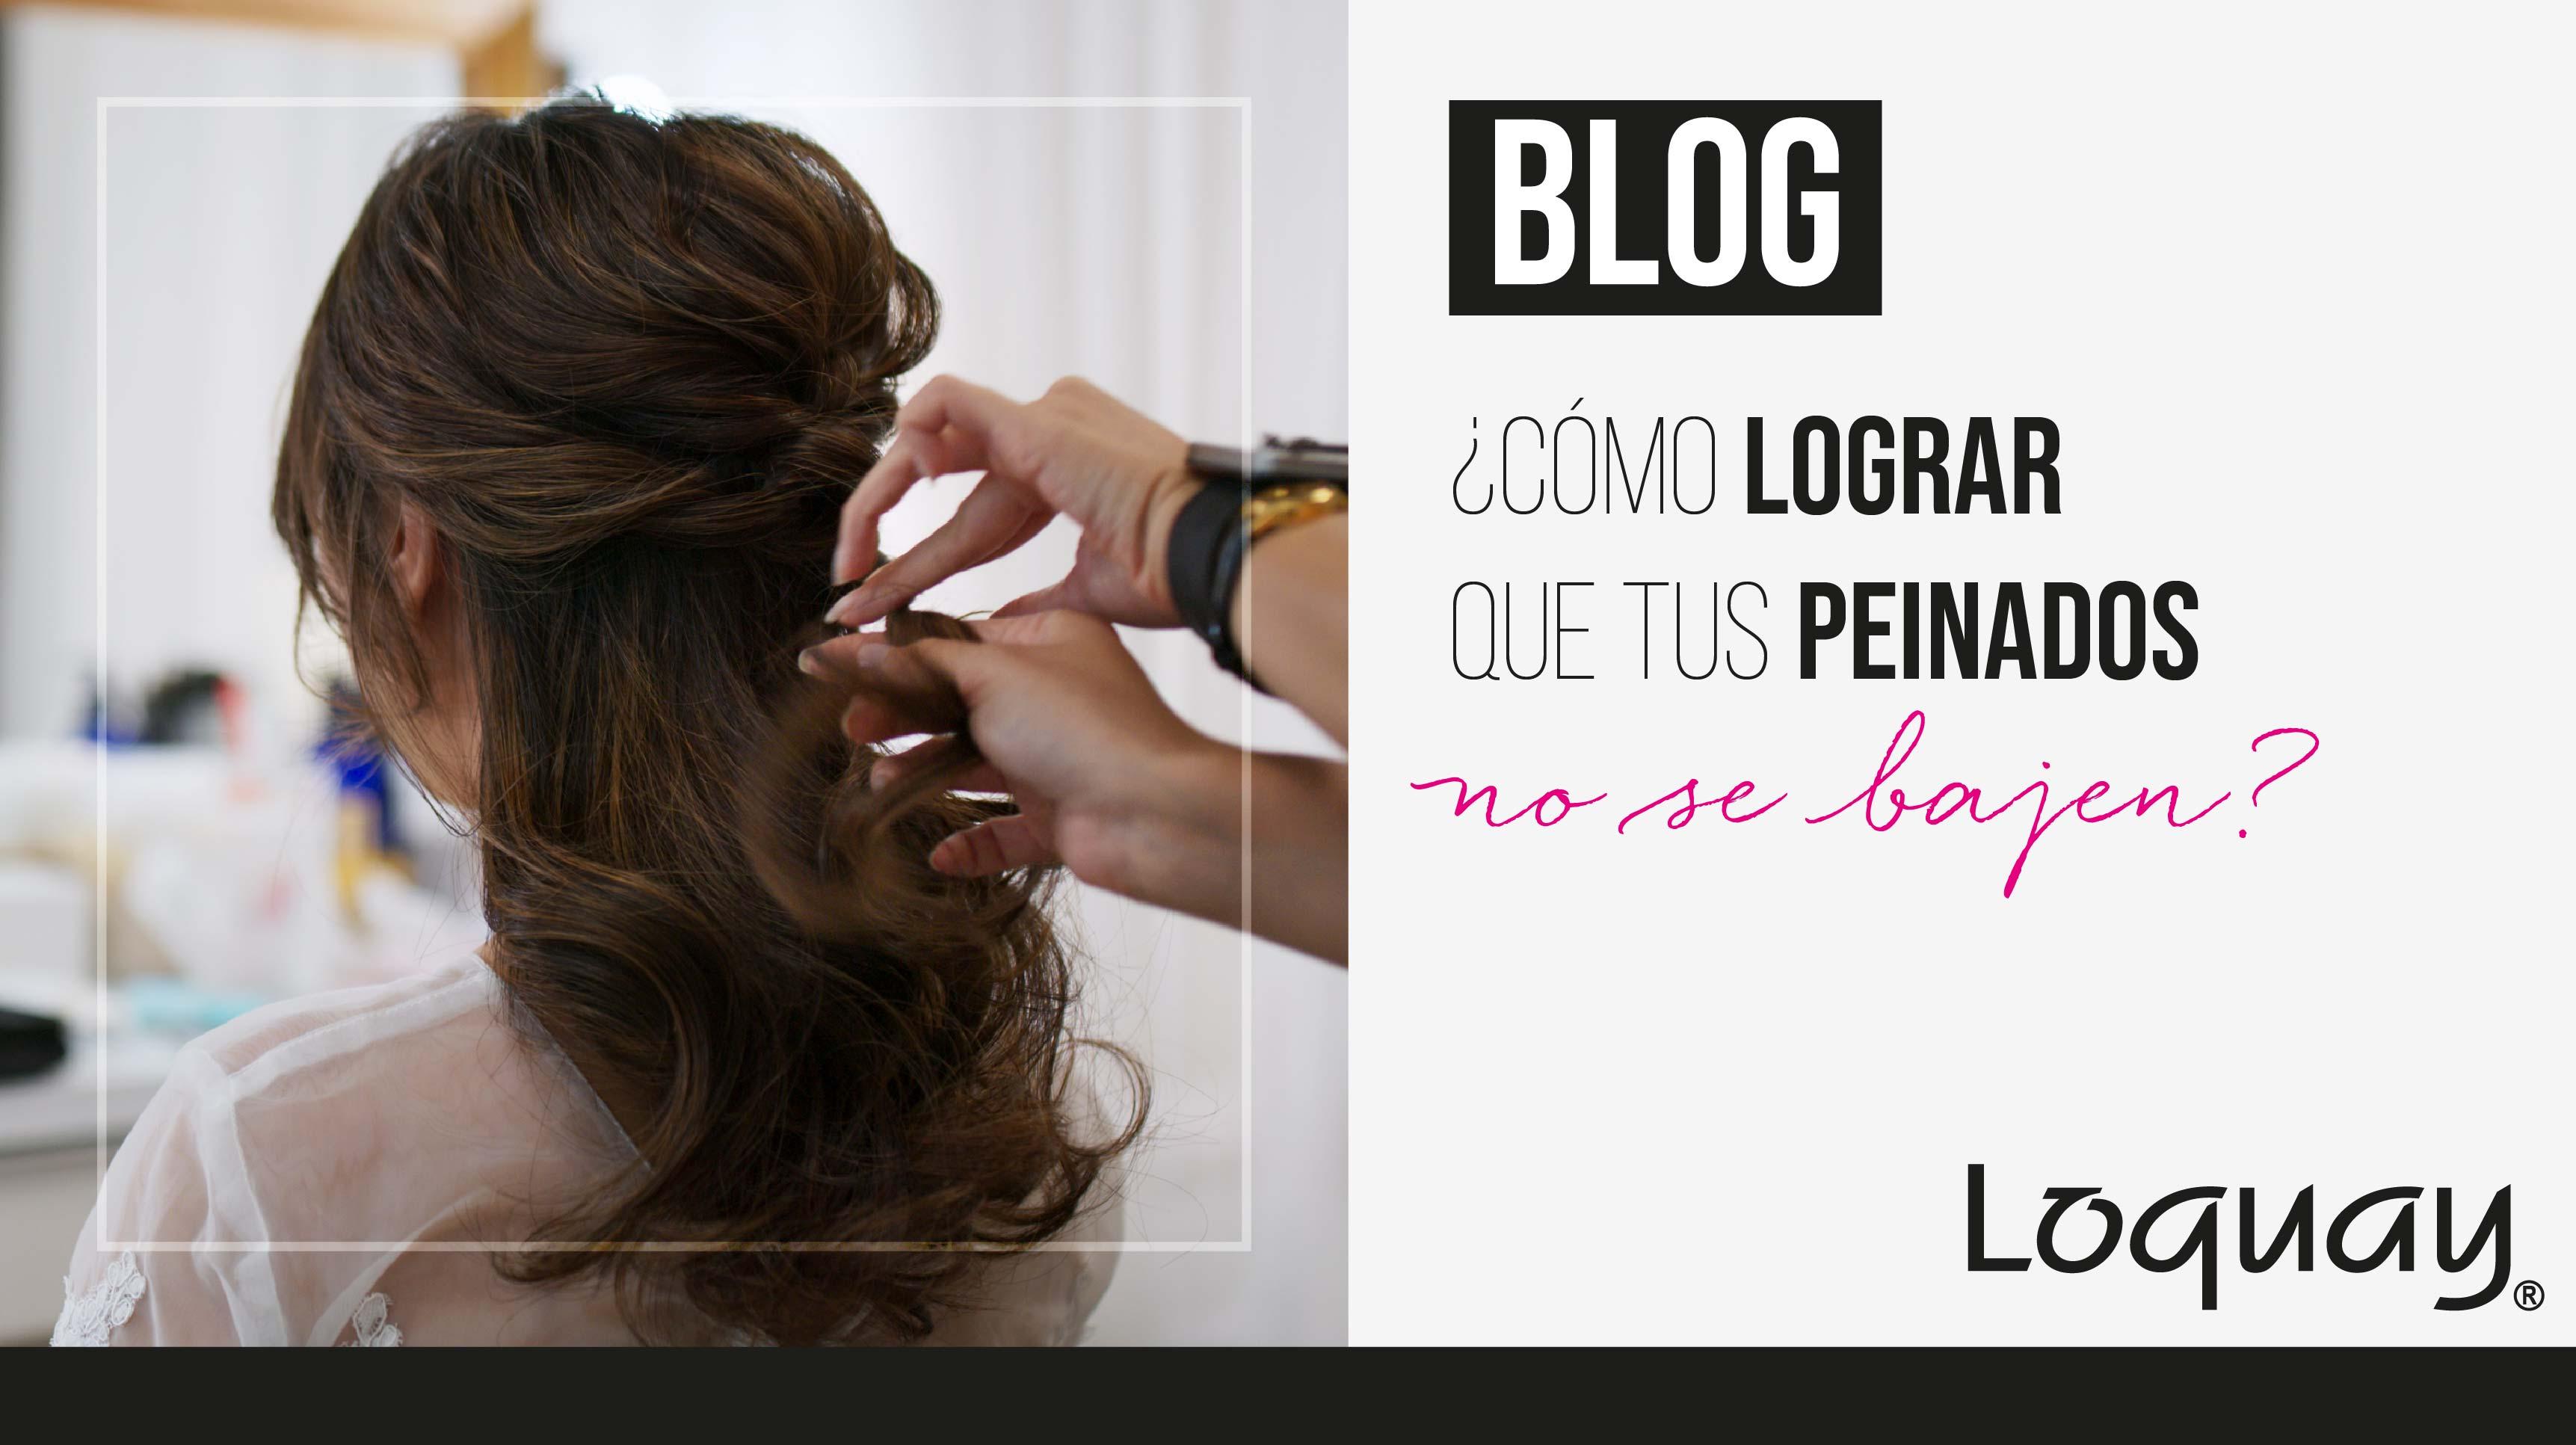 peinados-06